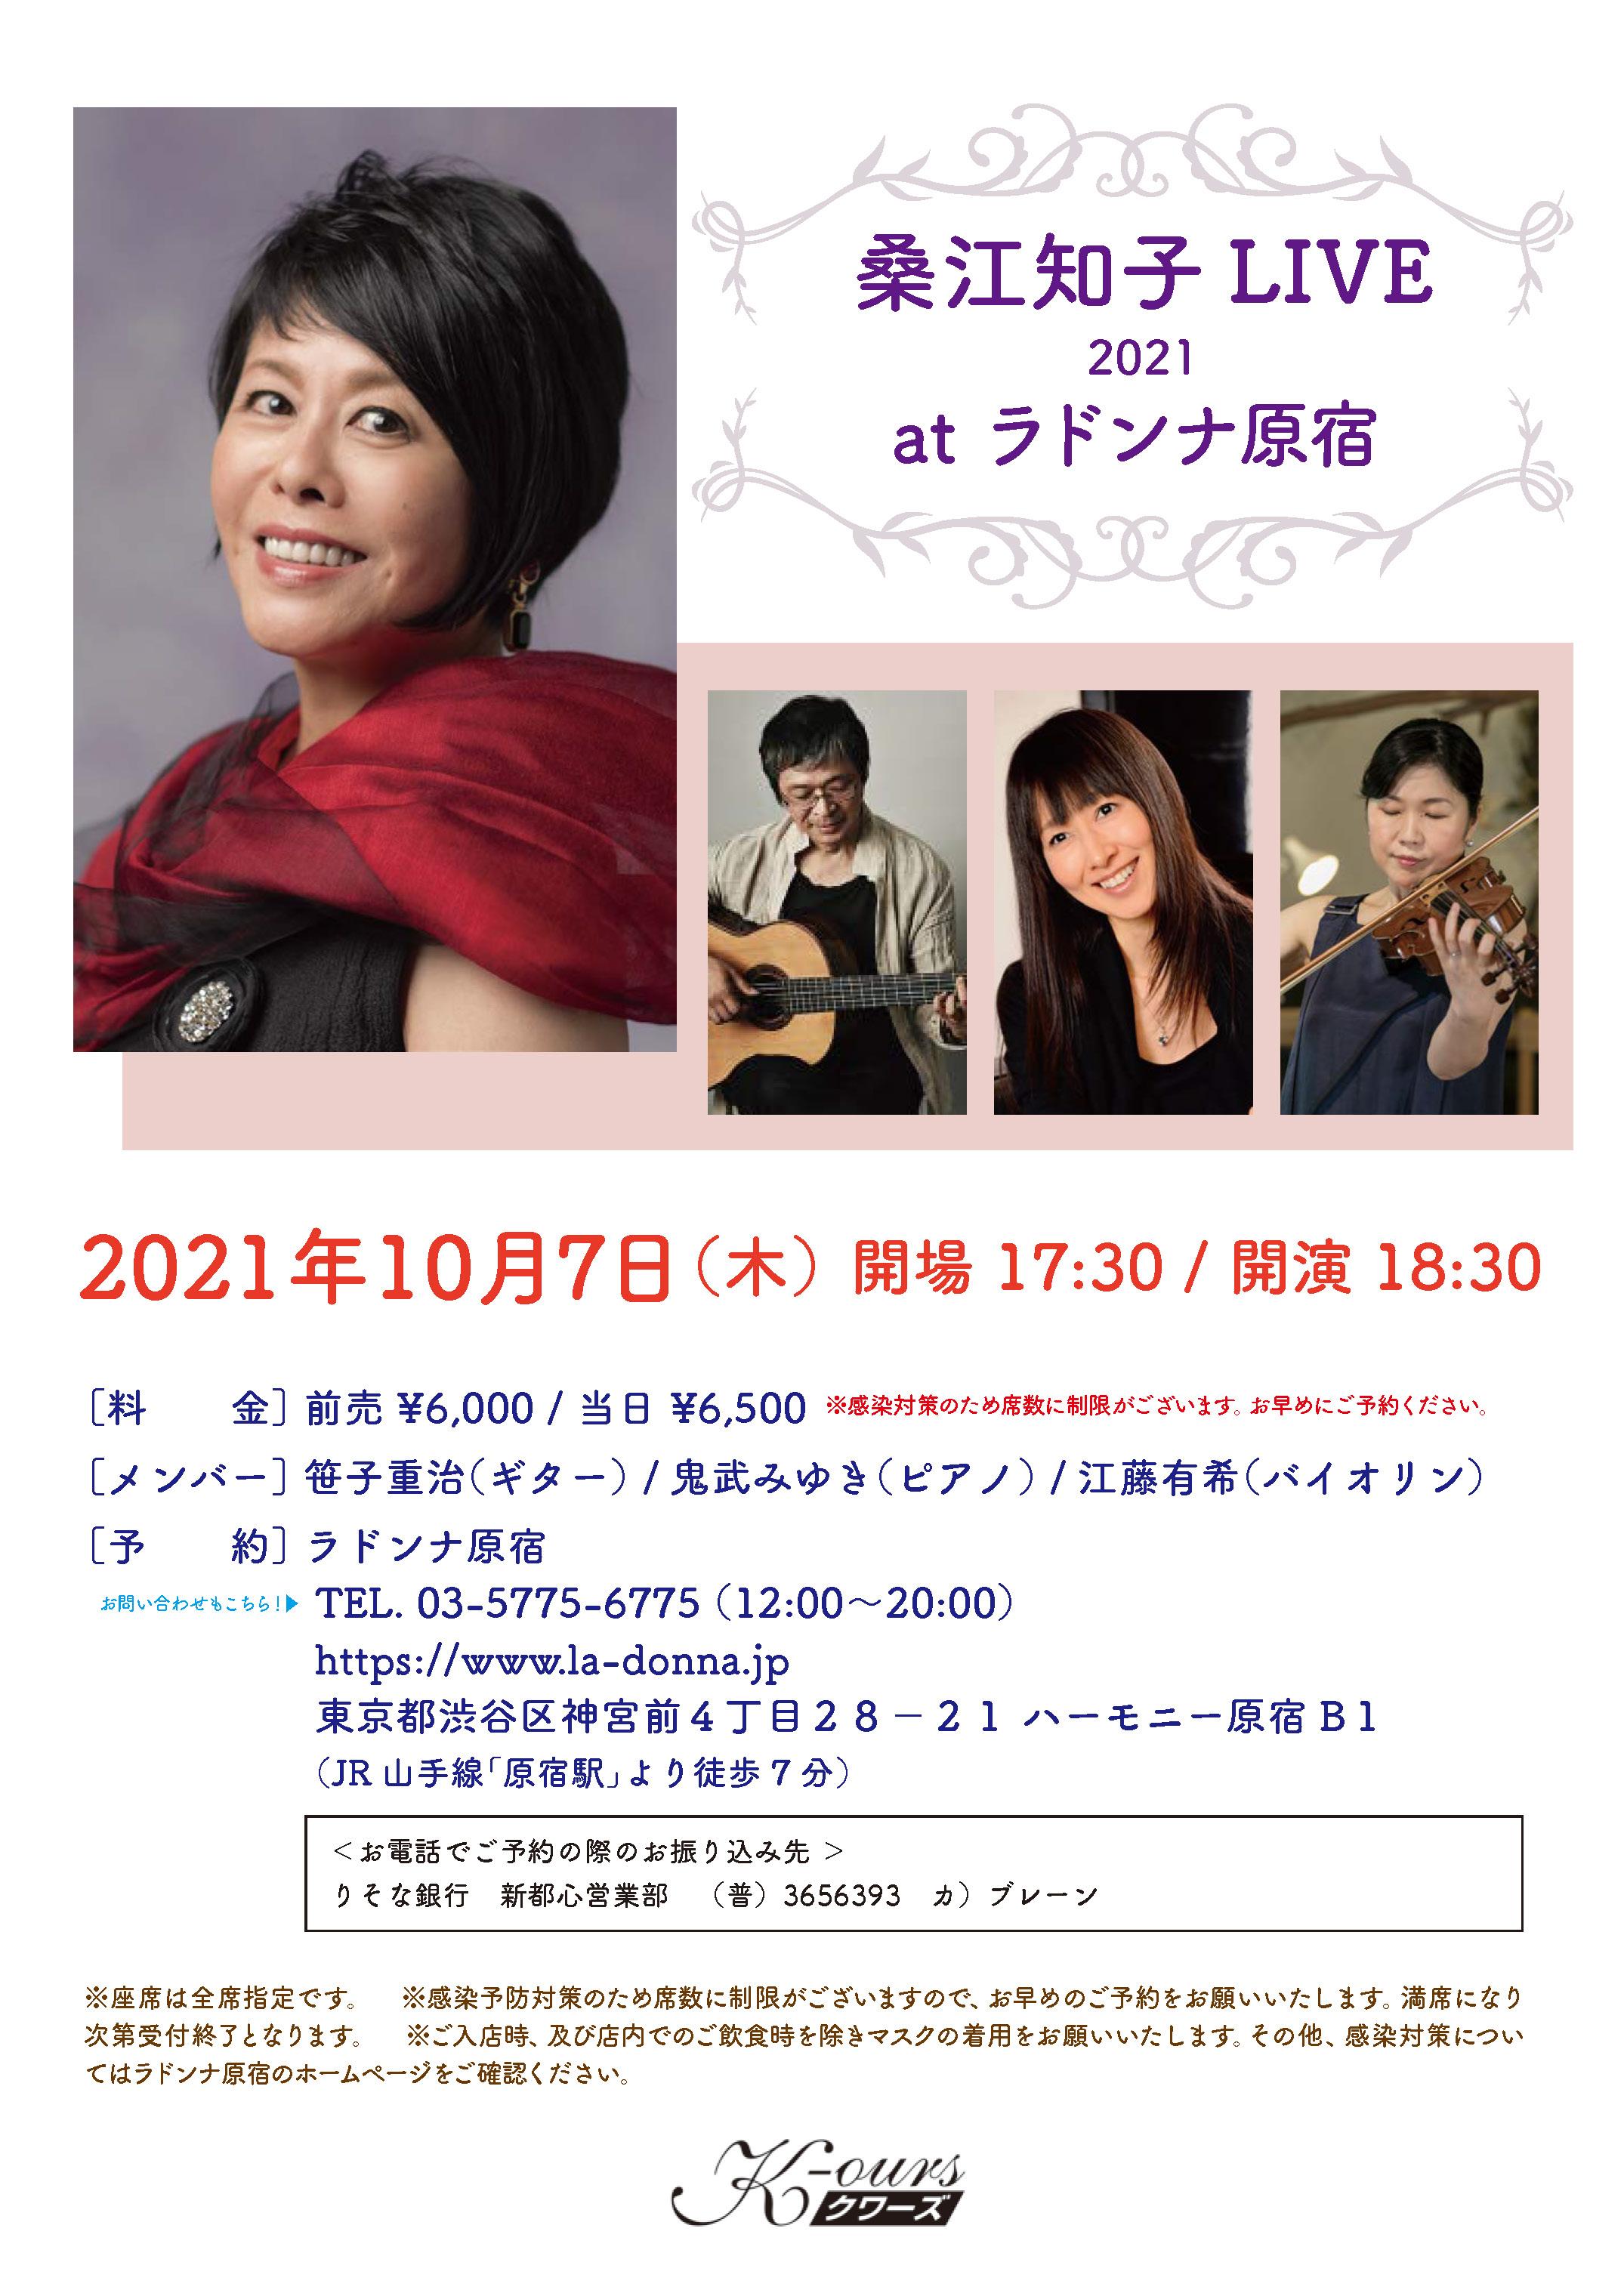 桑江知子 LIVE 2021 at ラドンナ原宿